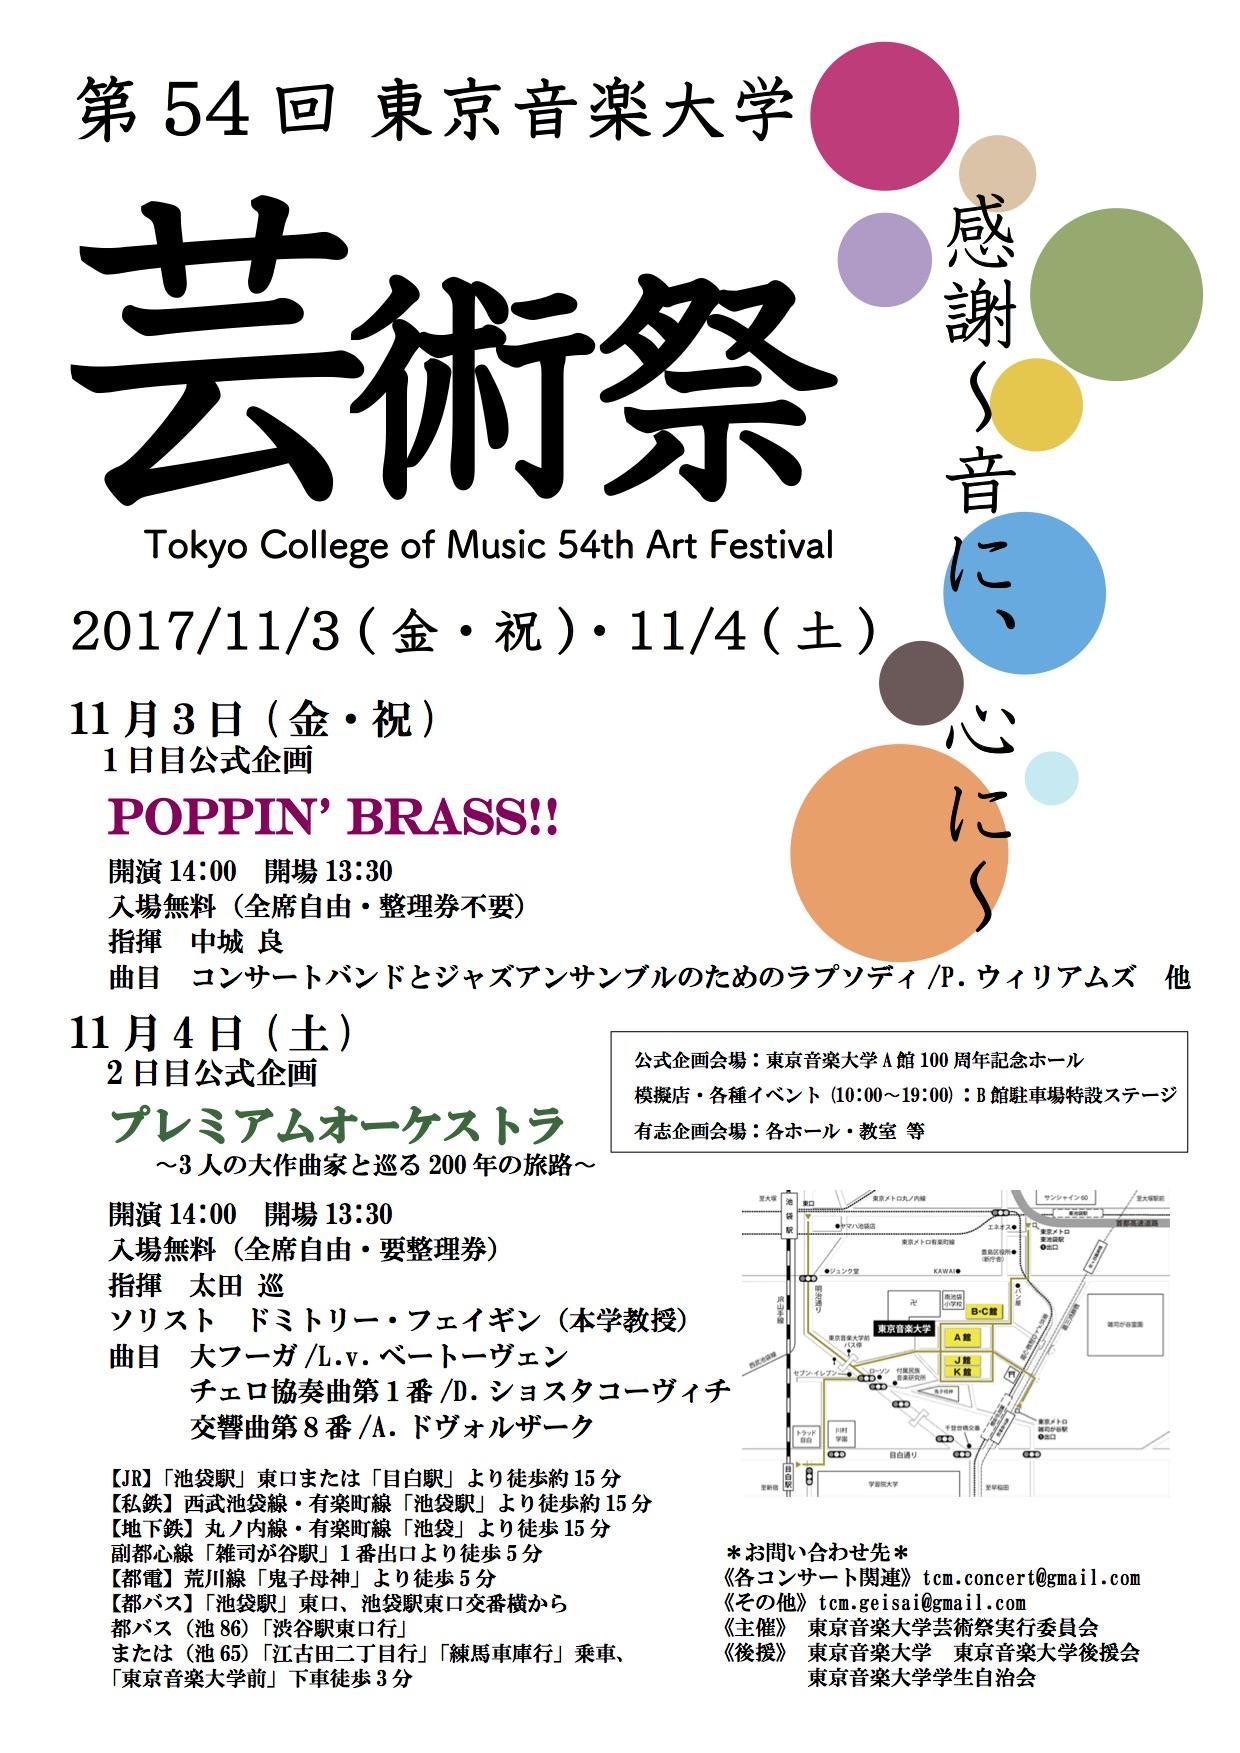 54回東京音楽大学 芸術祭